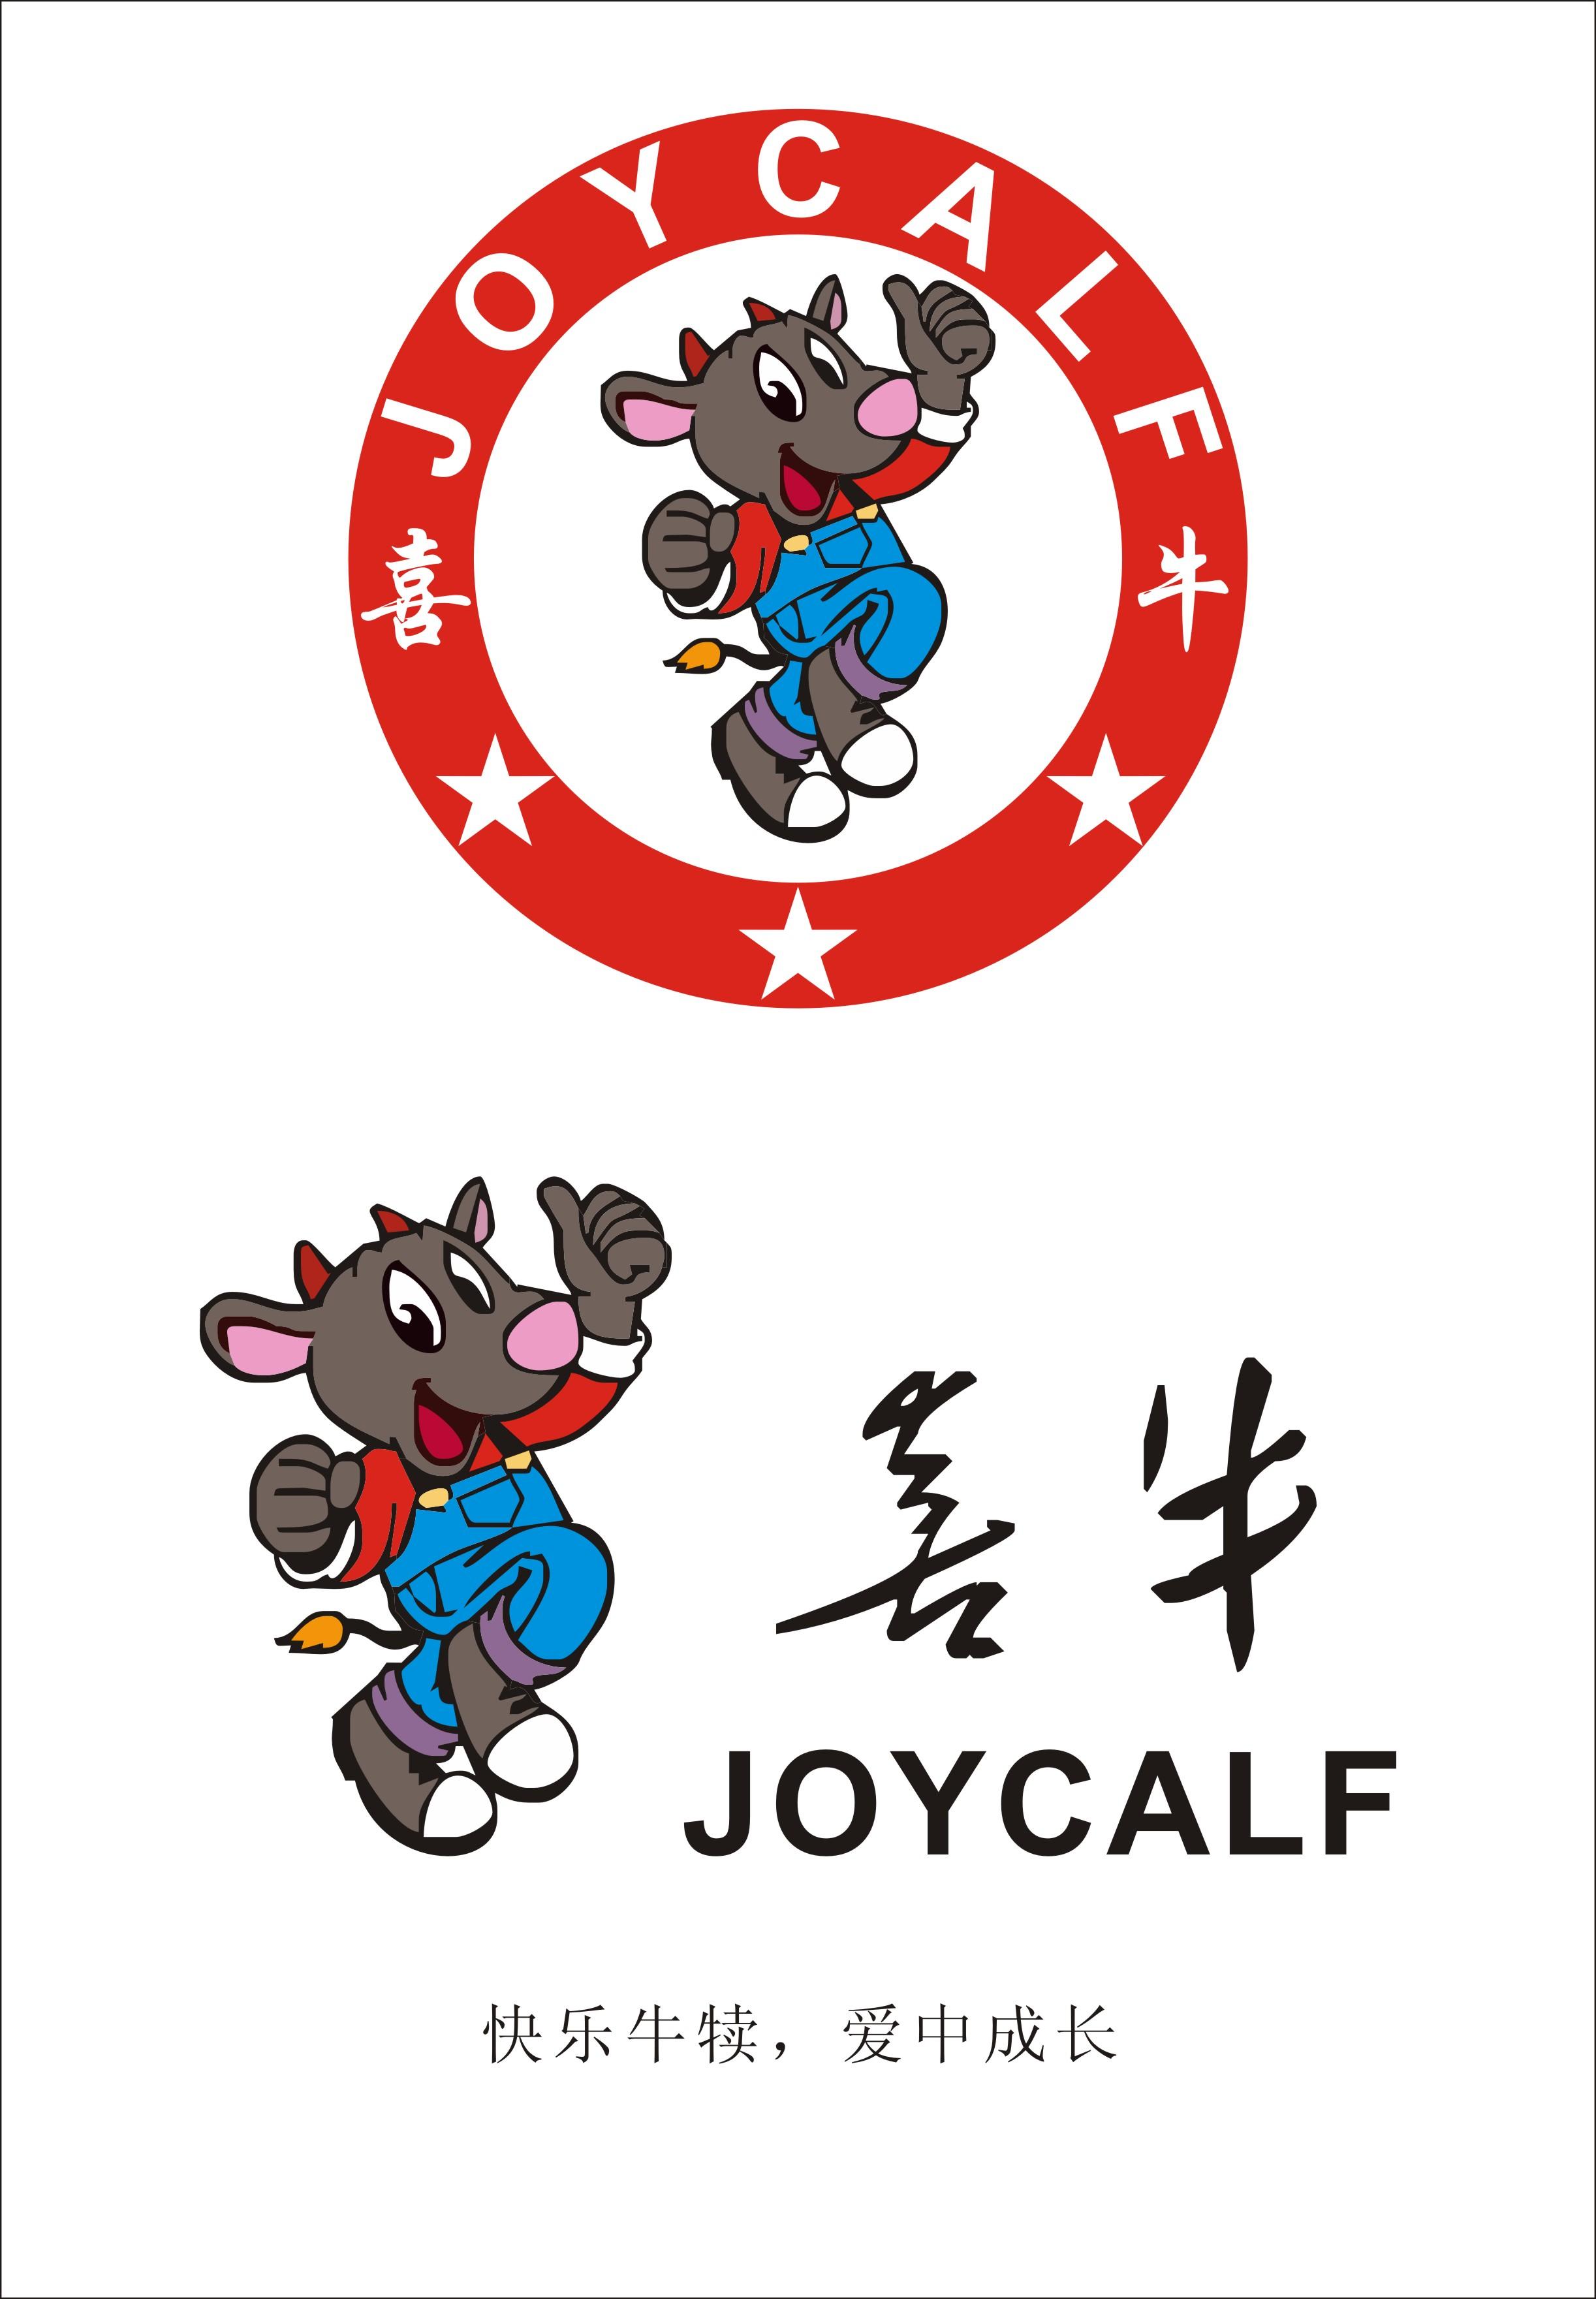 童装品牌logo设计_2445863